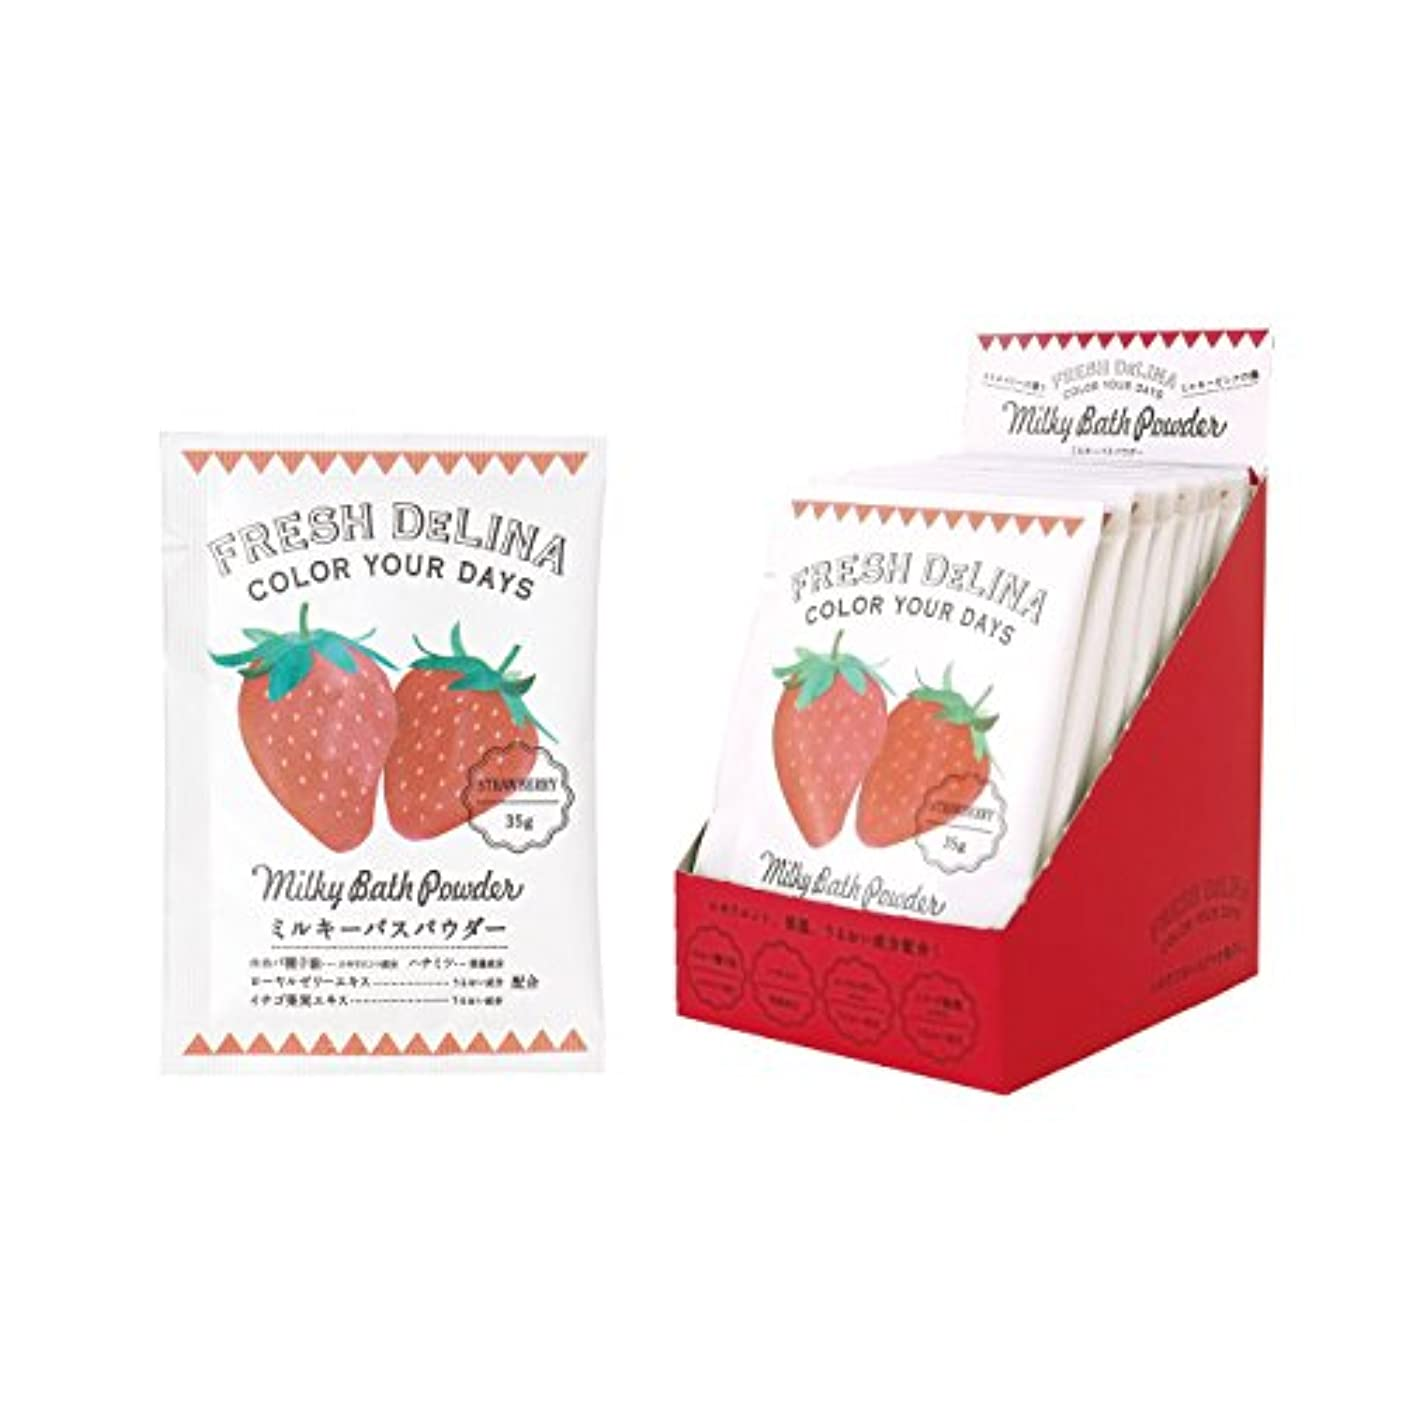 書き出す算術晴れフレッシュデリーナ ミルキーバスパウダー 35g (ストロベリー) 12個 (白濁タイプ入浴料 日本製 ジューシーなイチゴの香り)